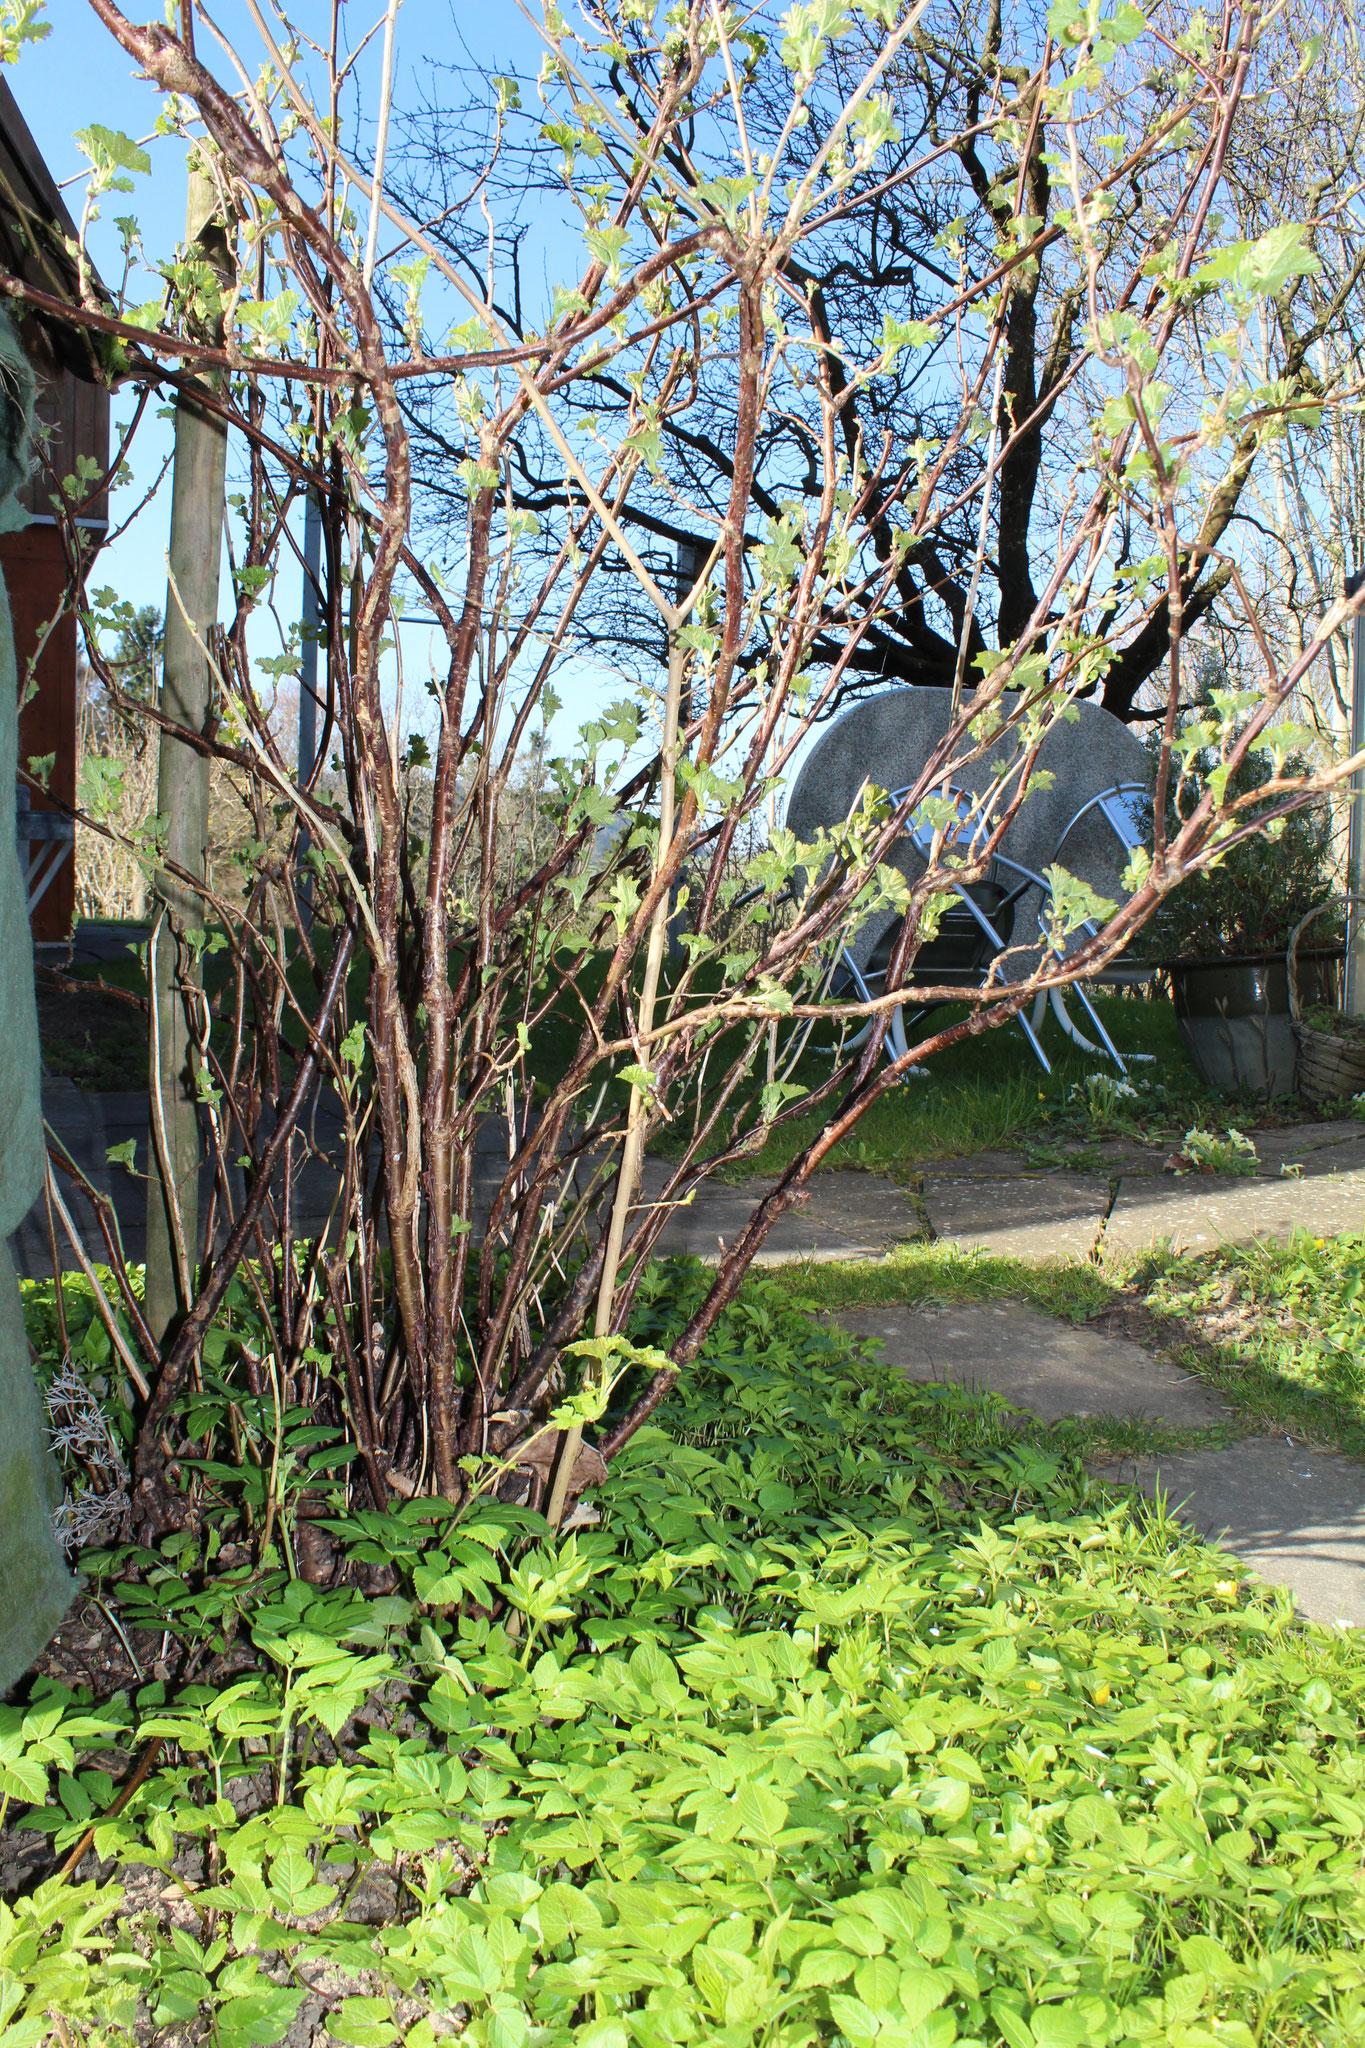 Der Giersch wächst im Hortulus unter dem Johannisbeeren Strauch